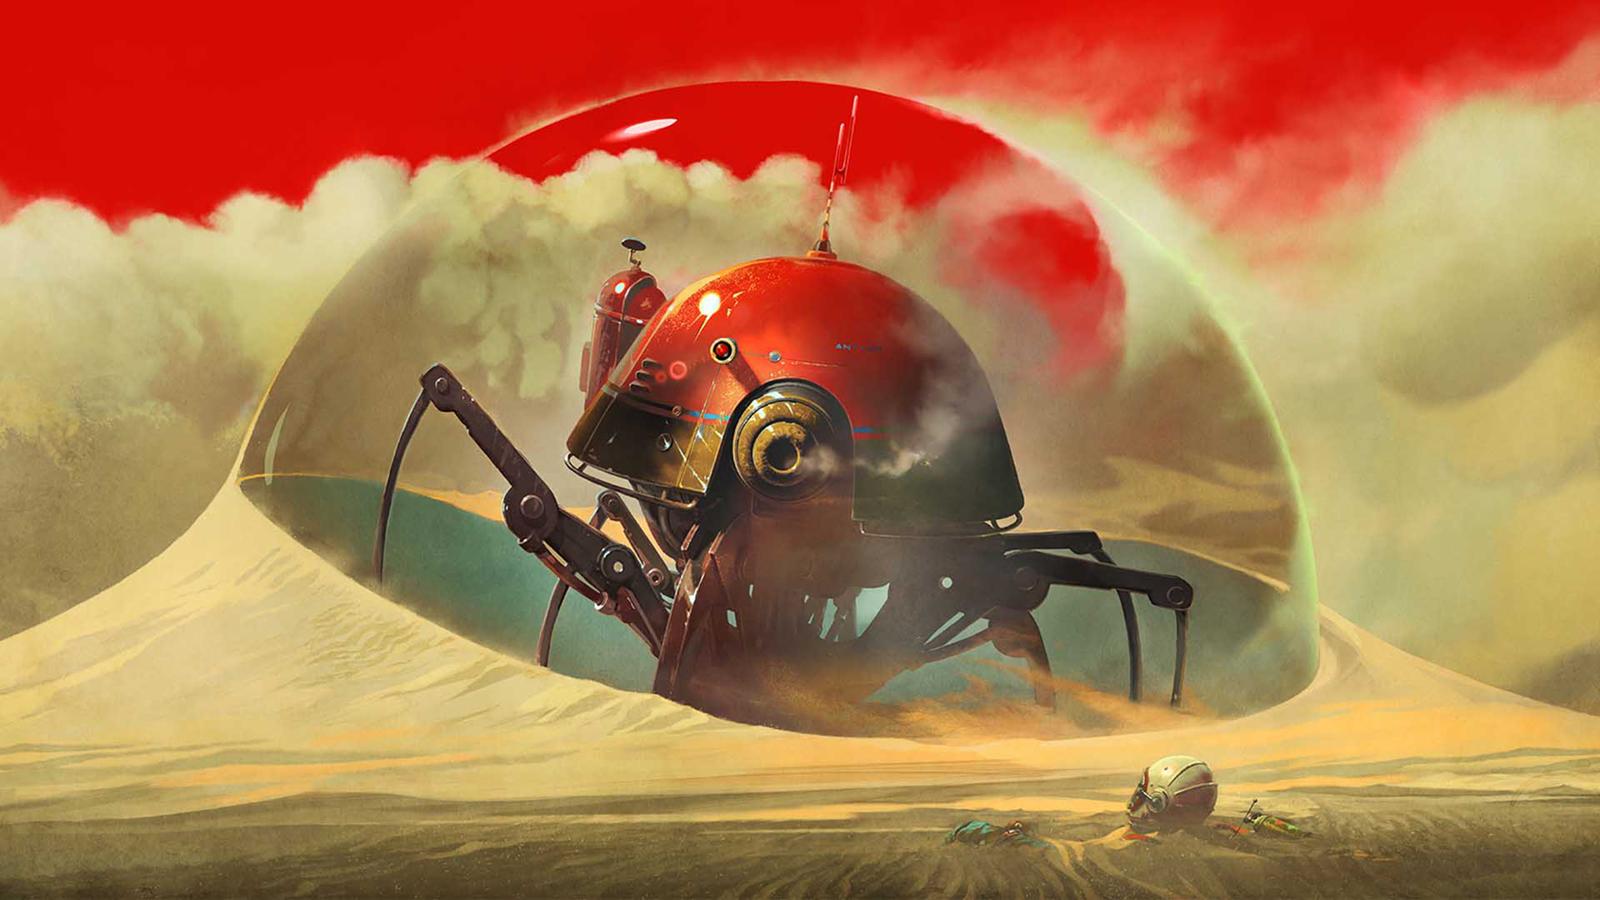 《群星》《無敵號》中描述的自我復制機器是什么?